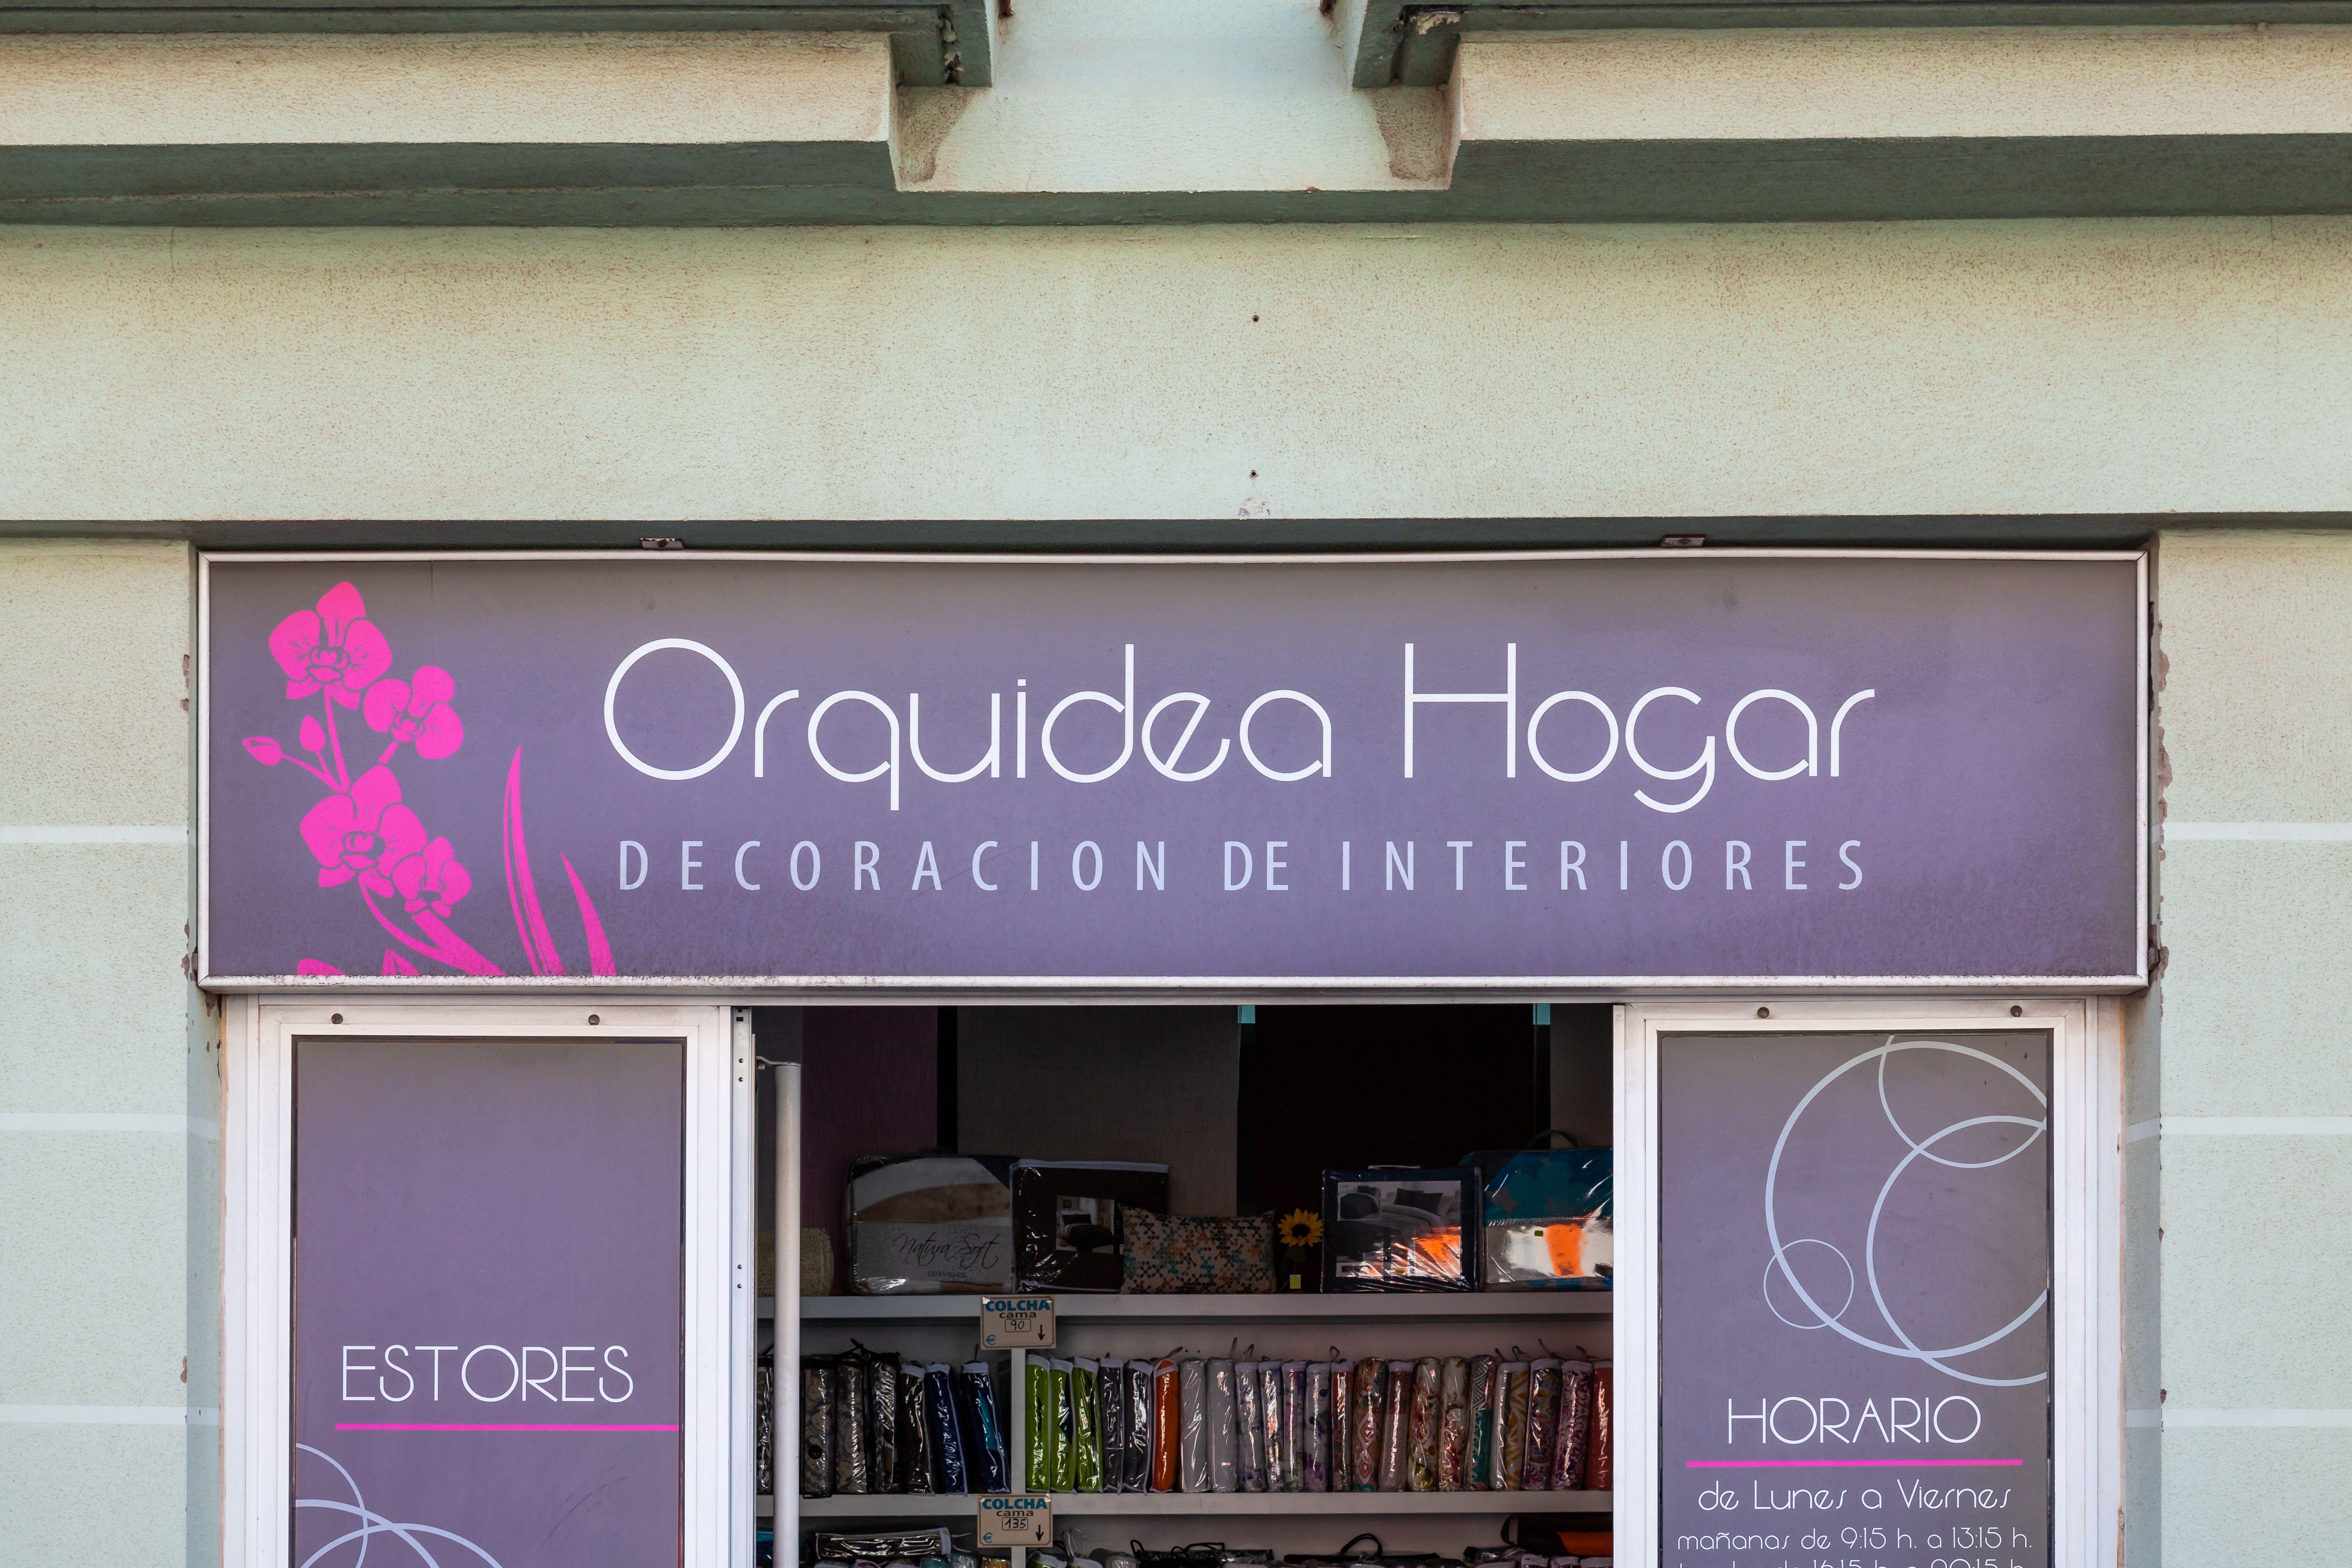 Rótulo Orquídea Hogar